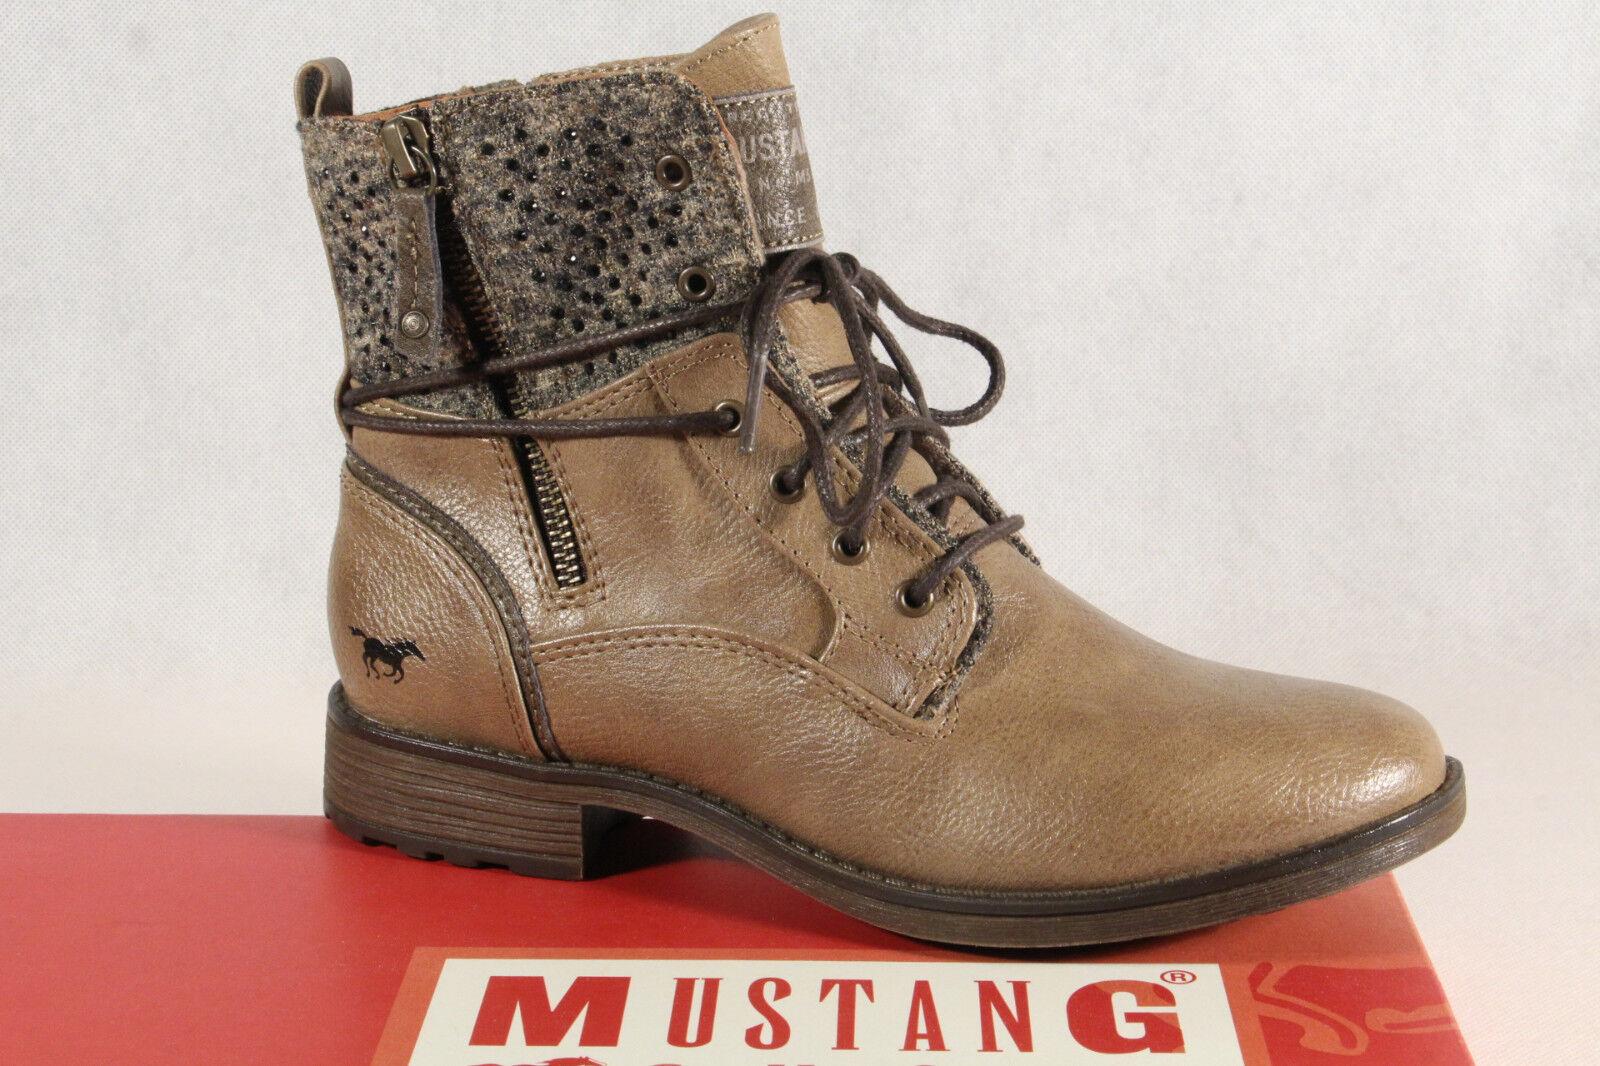 Mustang Stiefel Stiefeletten Schnürstiefel Boots braun taupe 1265 NEU!